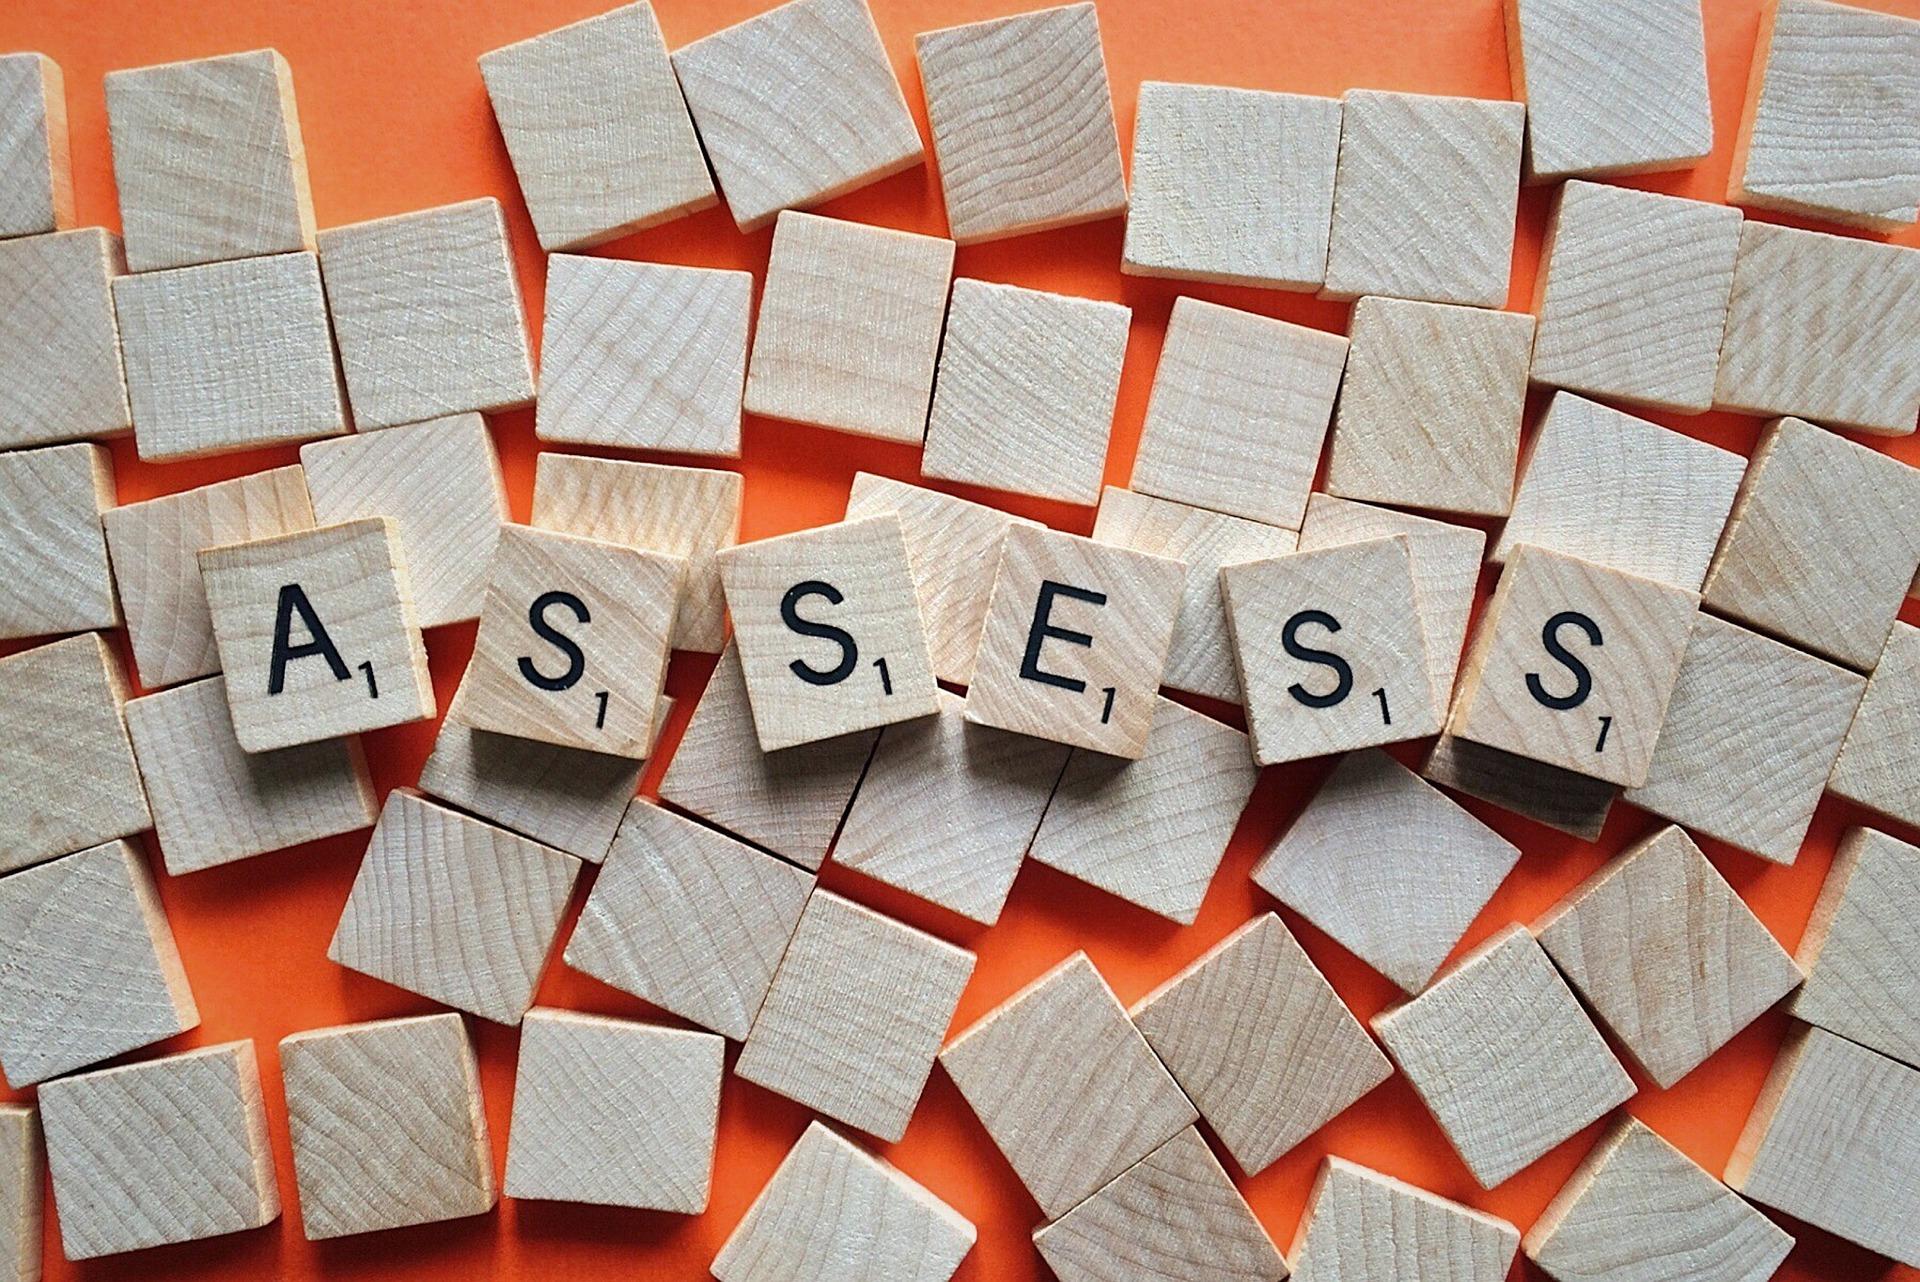 wooden scrabble blocks assess